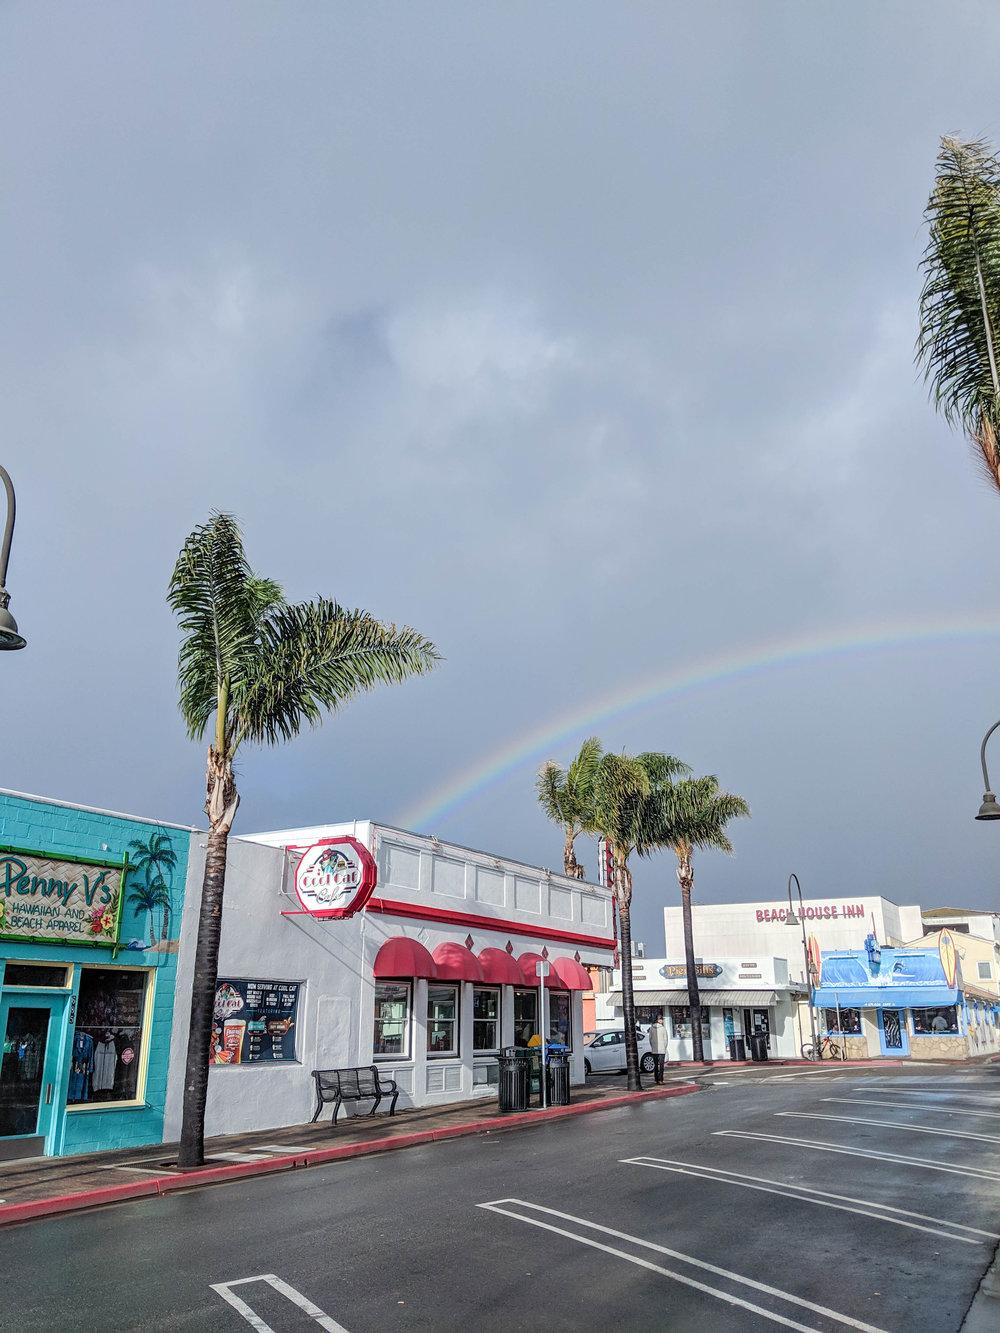 bri rinehart; photography; rainbow; california; pismo beach